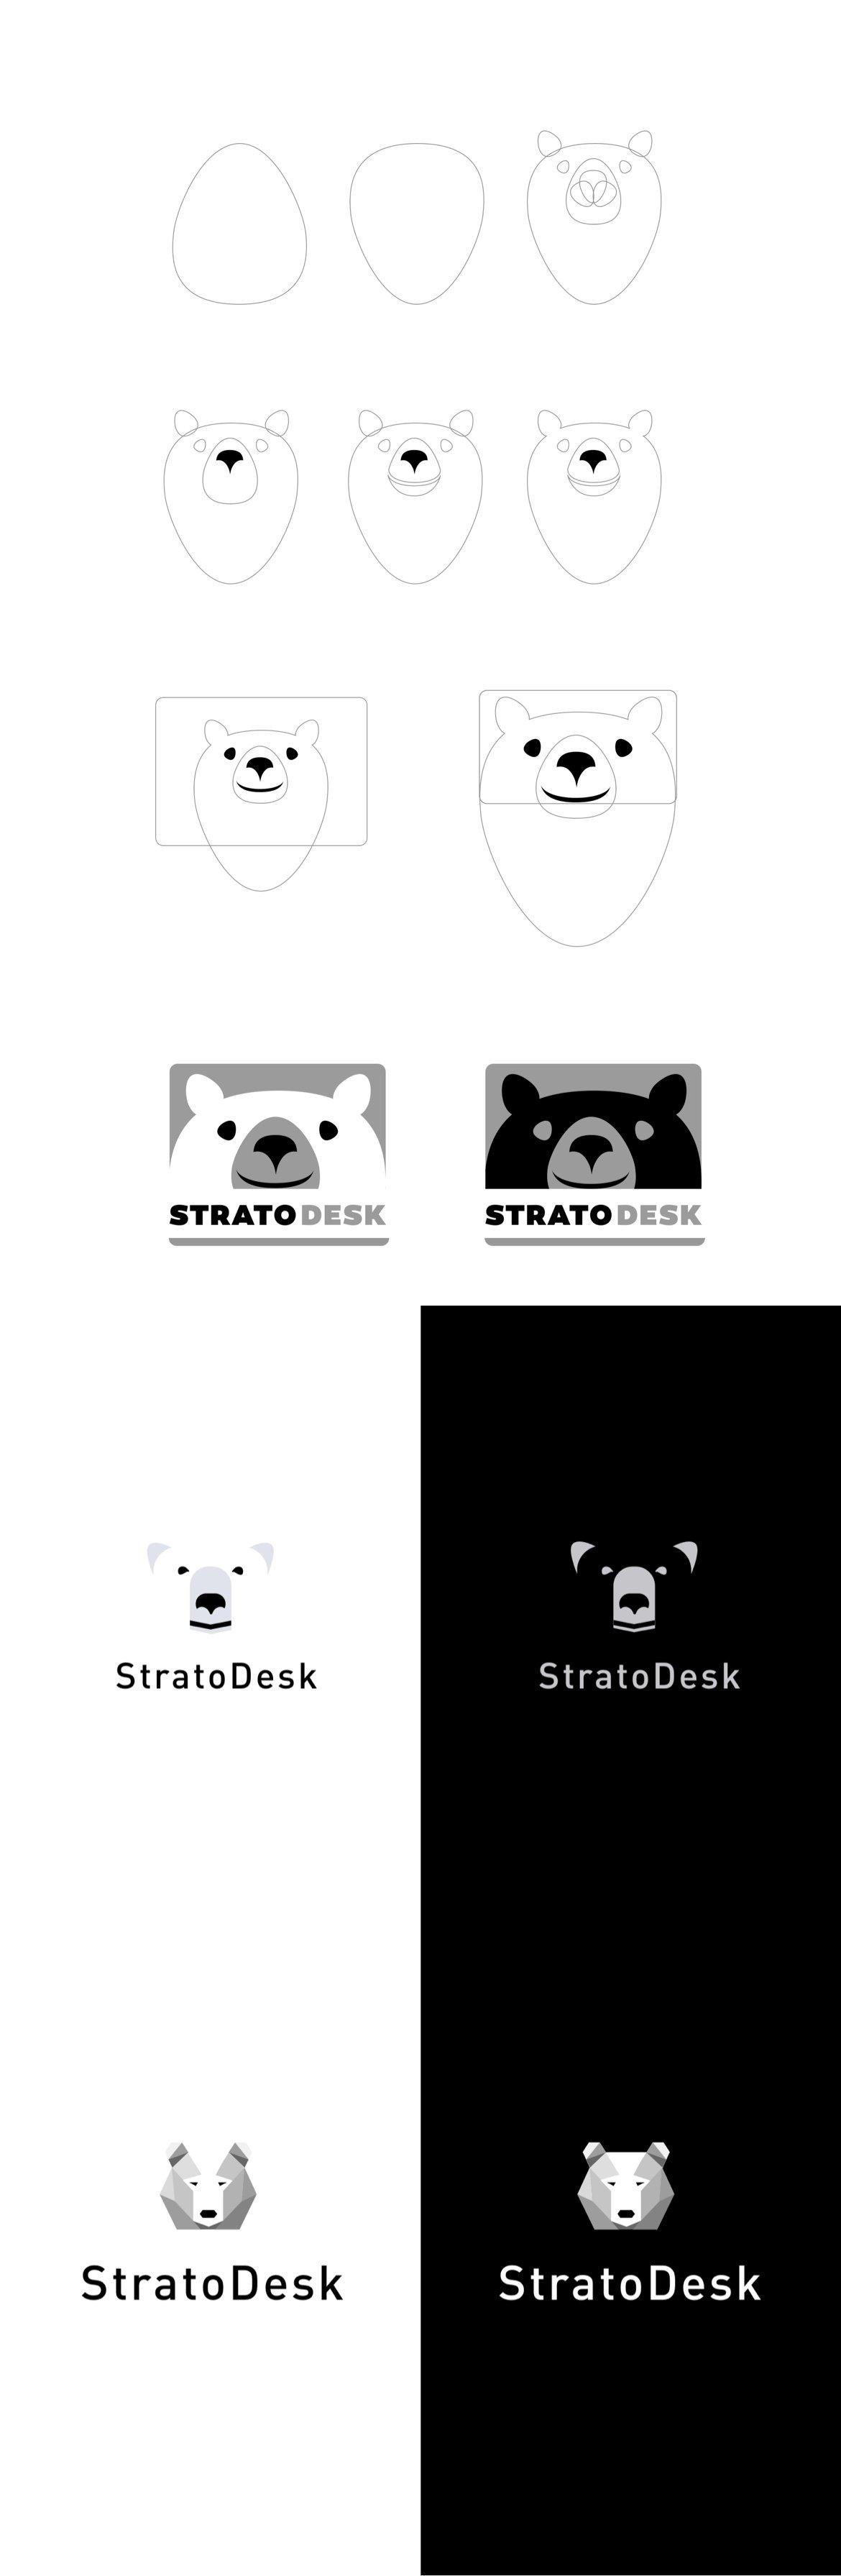 StratoDesk-brand